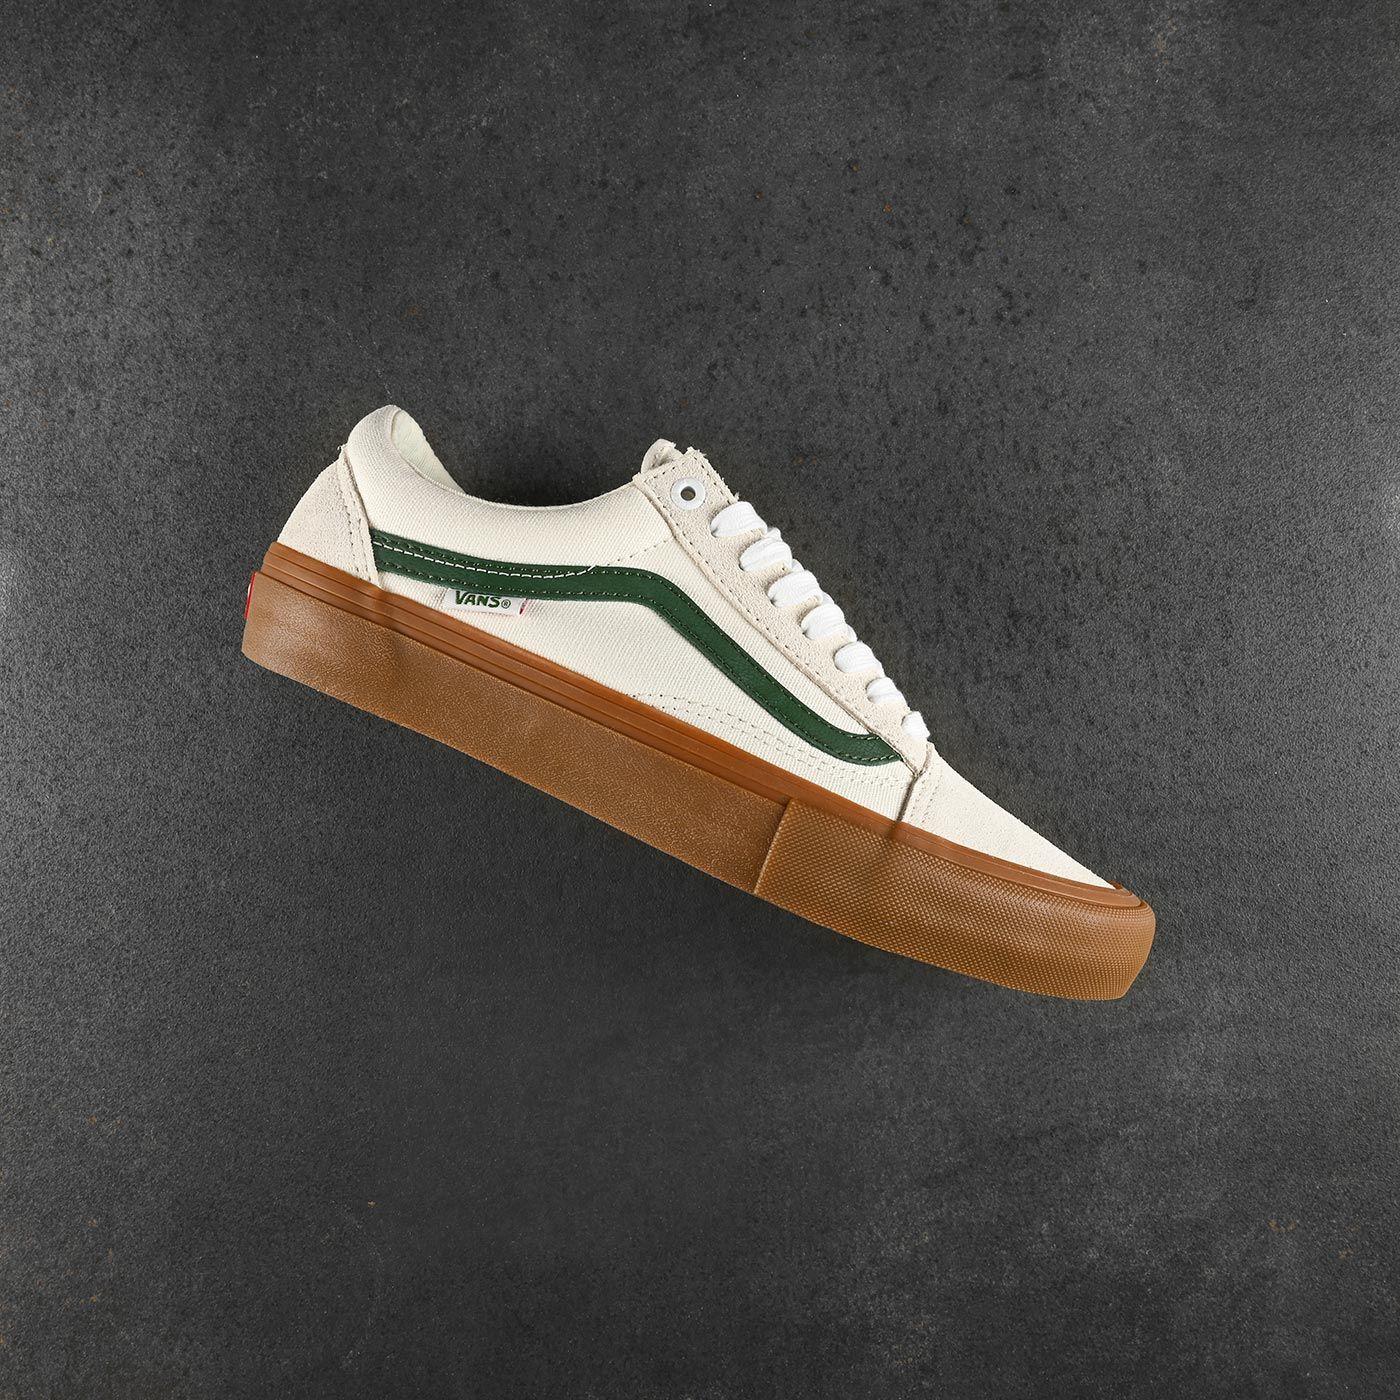 Vans Old Skool Pro Skate Shoes in 2020